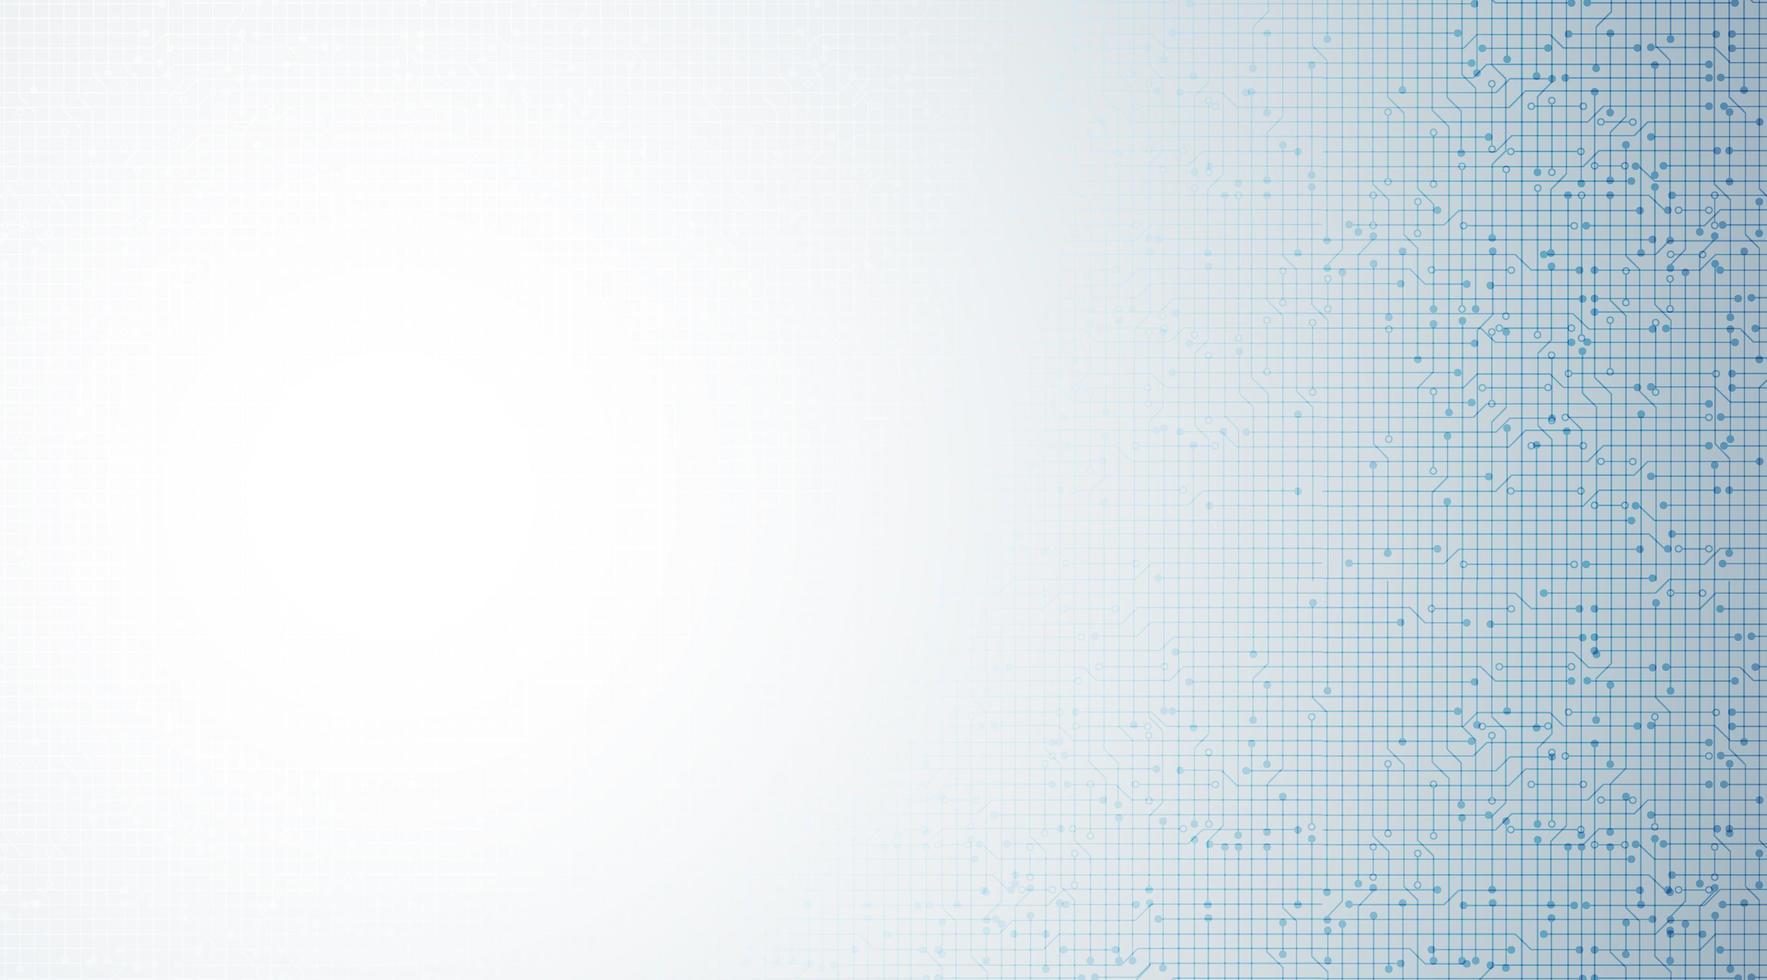 microchip bianco e blu su sfondo tecnologico, design concept hi tech e sicurezza vettore